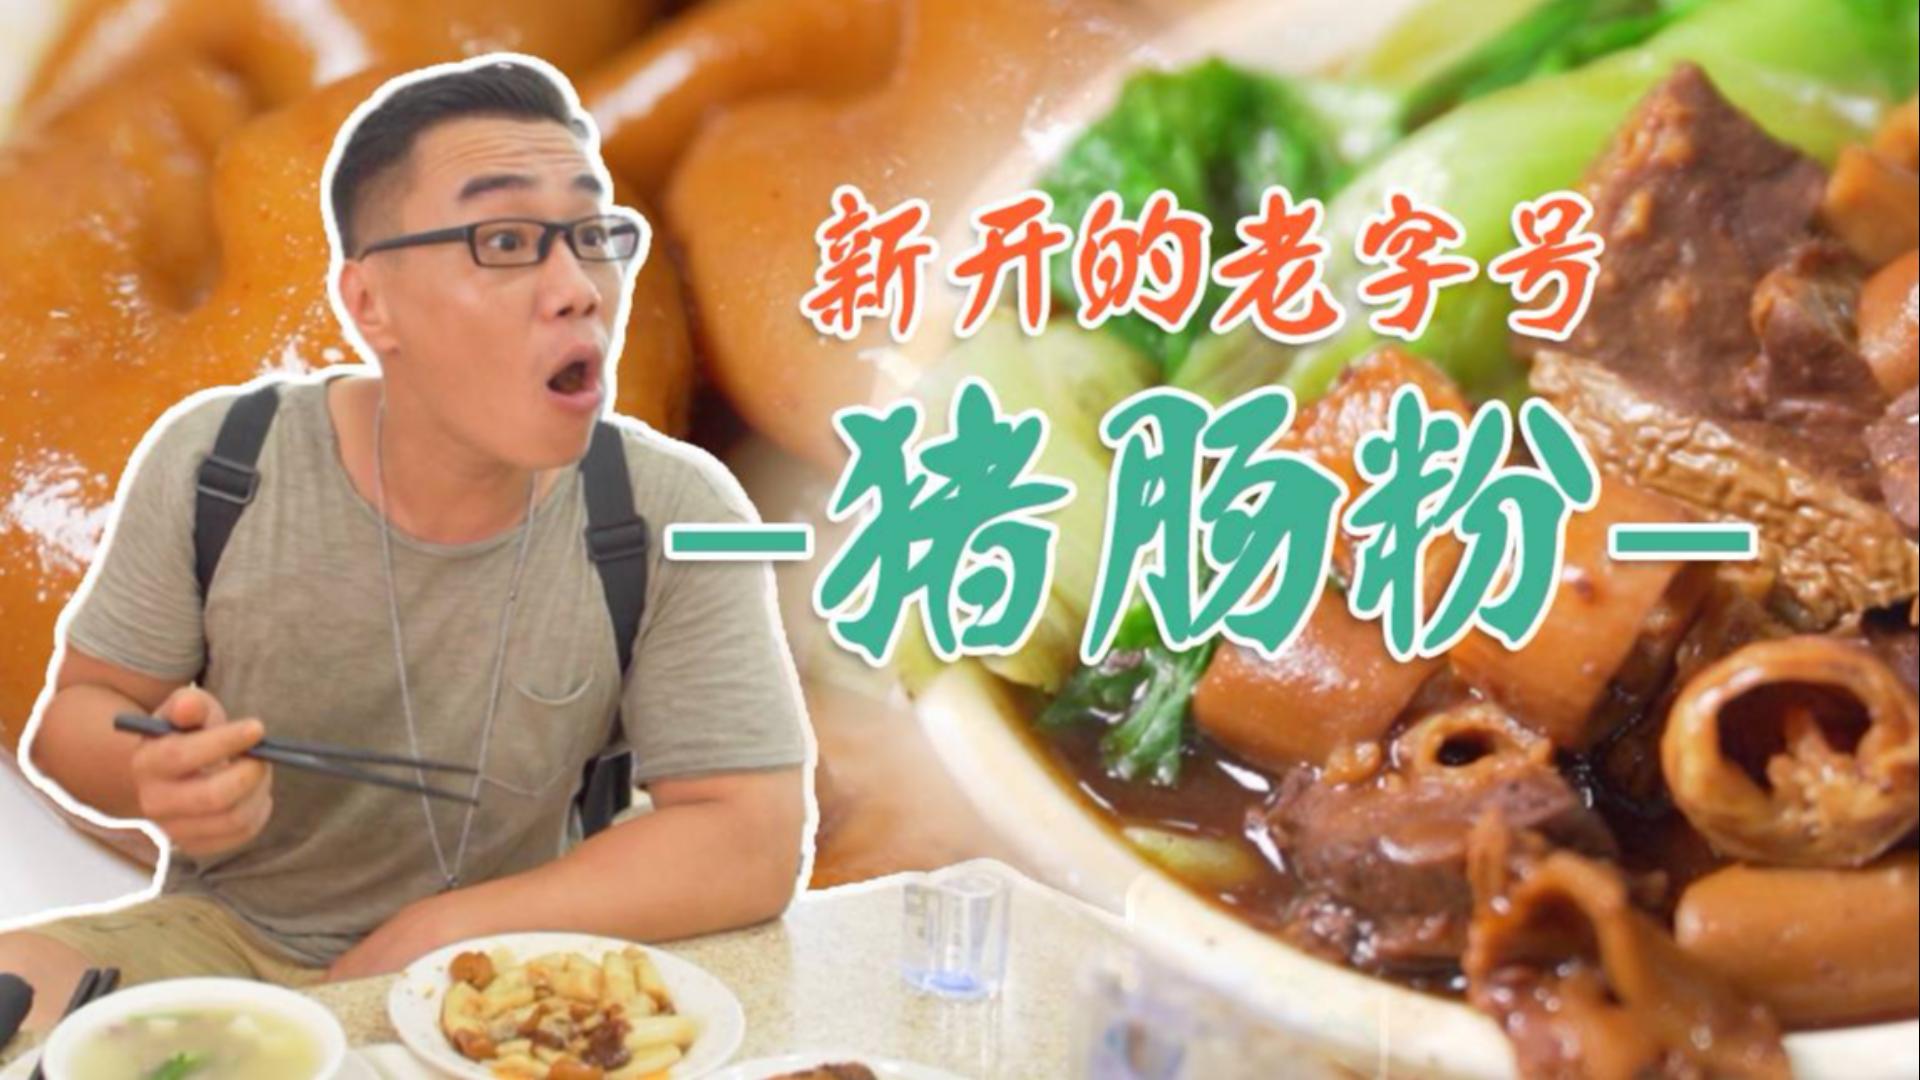 """广州老城区又一家""""老店新开"""",但街头小吃的风味还能保持吗?"""